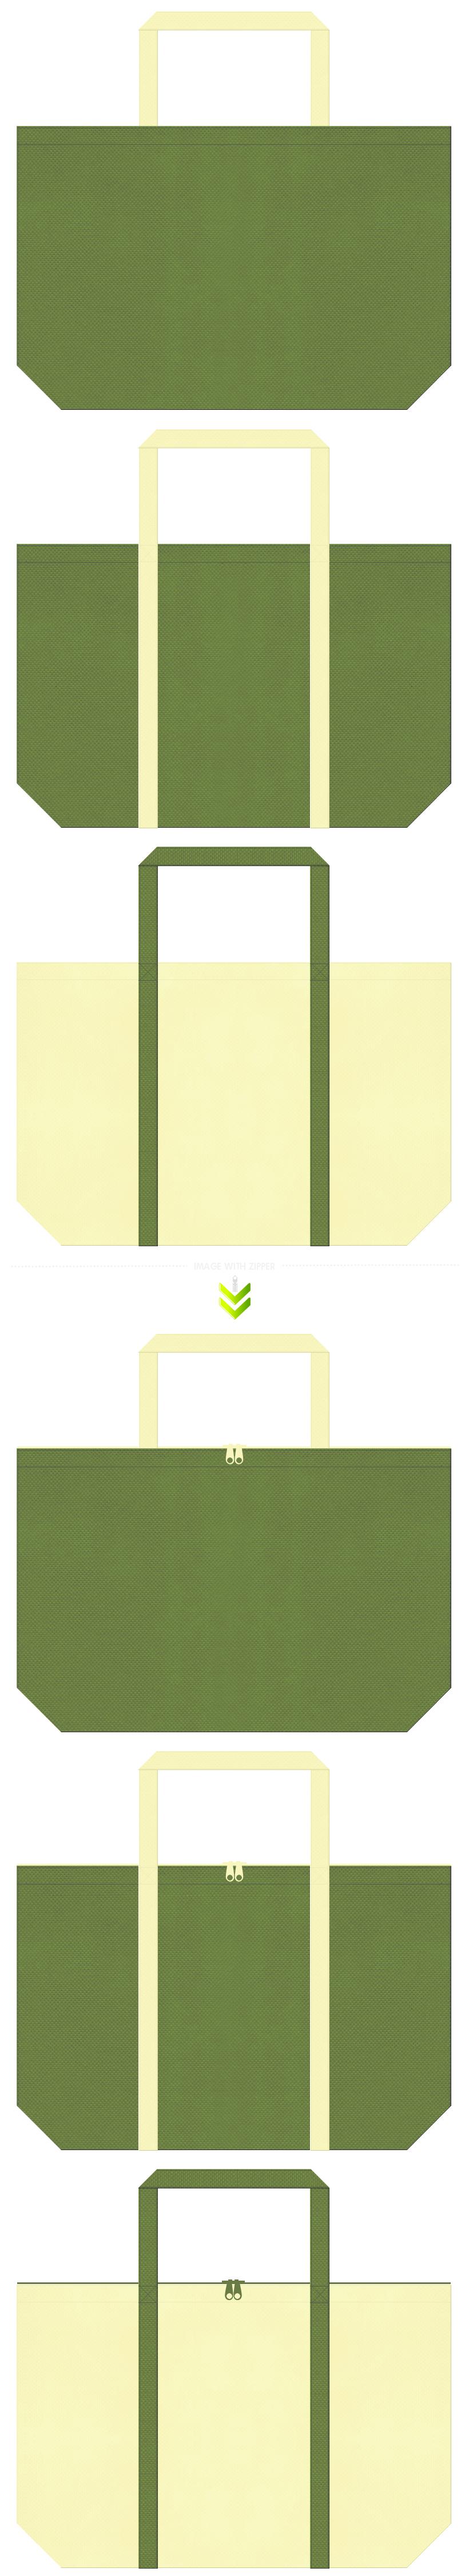 絵本・むかし話・影絵・月光・和紙・和風照明・和菓子・お月見・お城イベント・和風催事・和風エコバッグにお奨めの不織布バッグデザイン:草色と薄黄色のコーデ